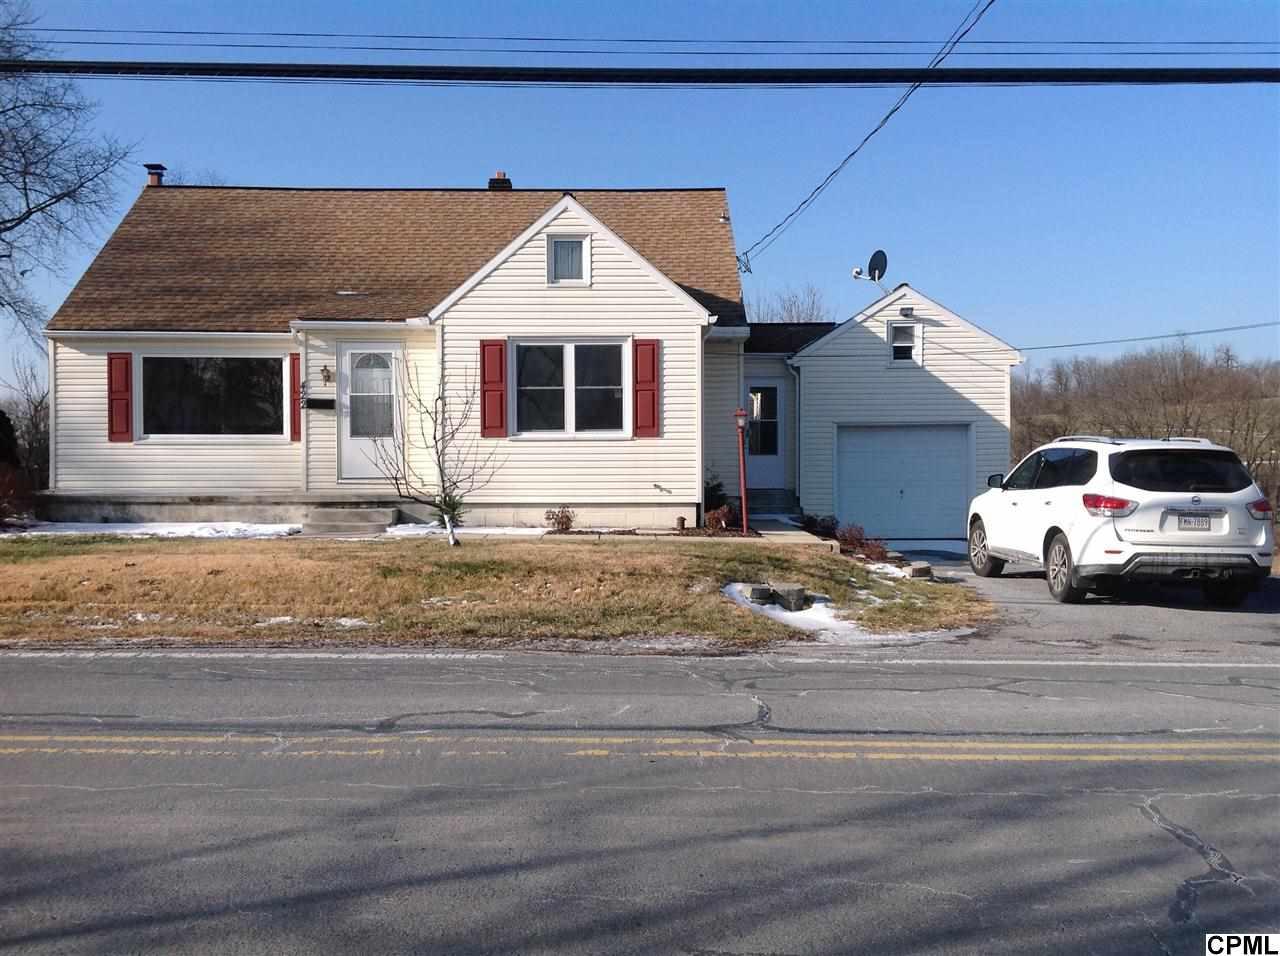 422 N Hanover St, Hershey, PA 17033